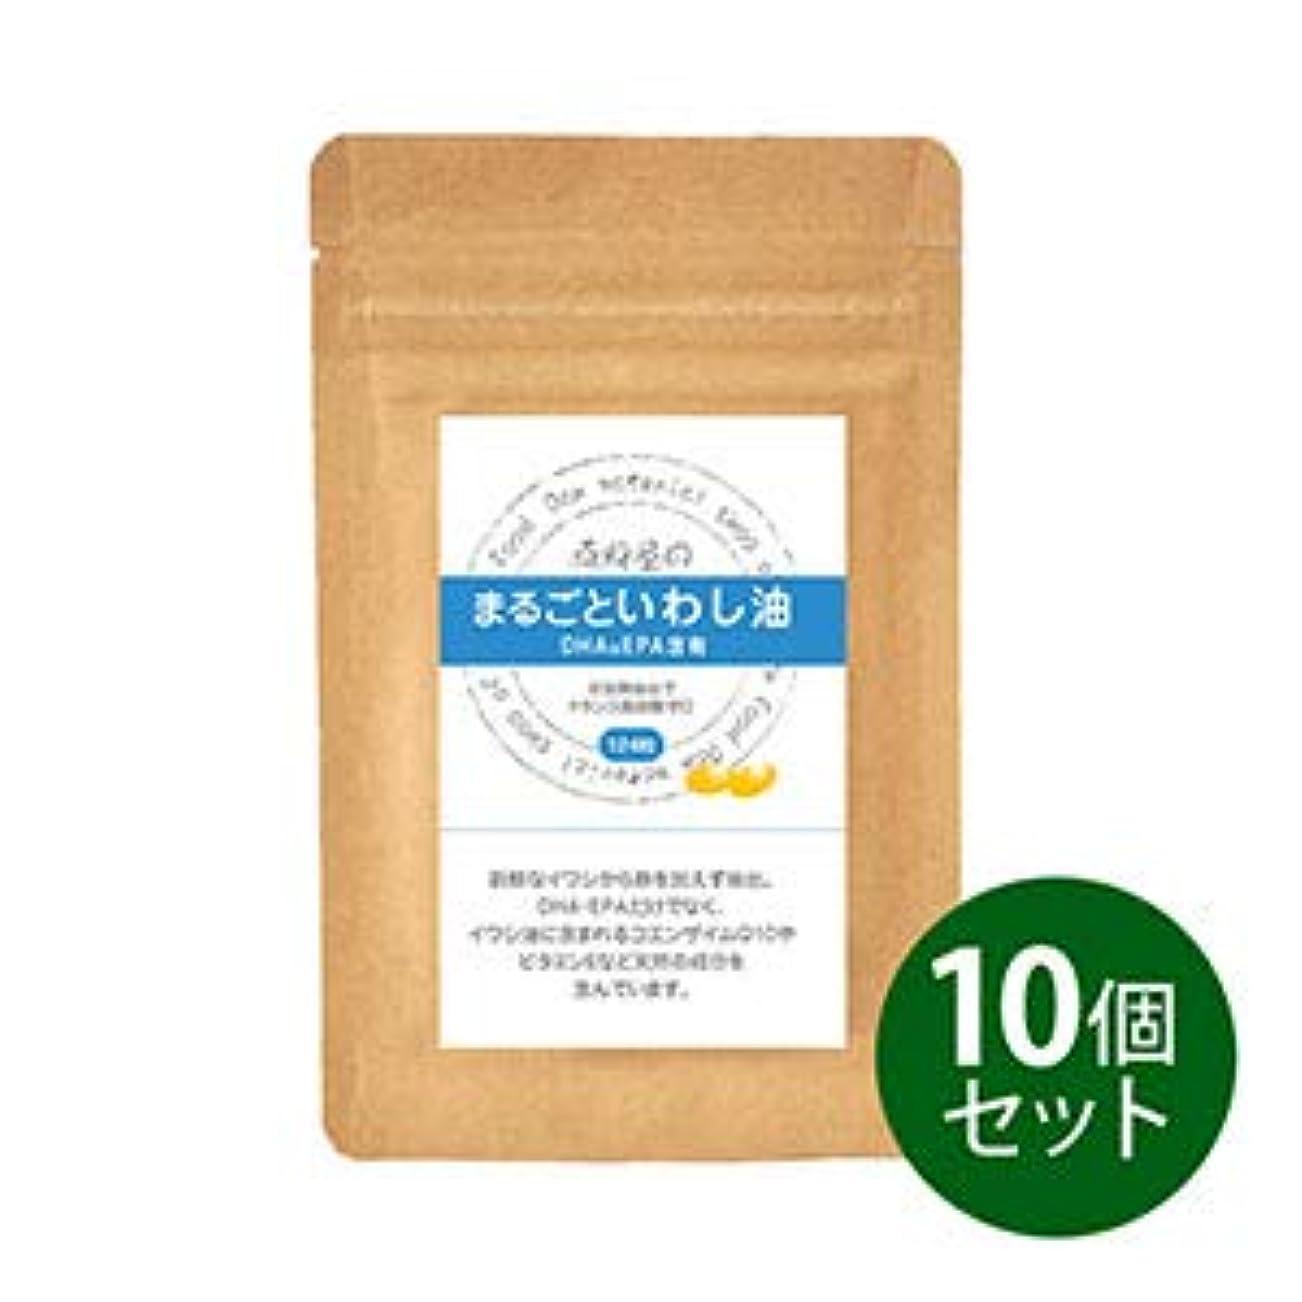 静けさ固める伝記【まとめ買い】まるごといわし油124粒×10個セット